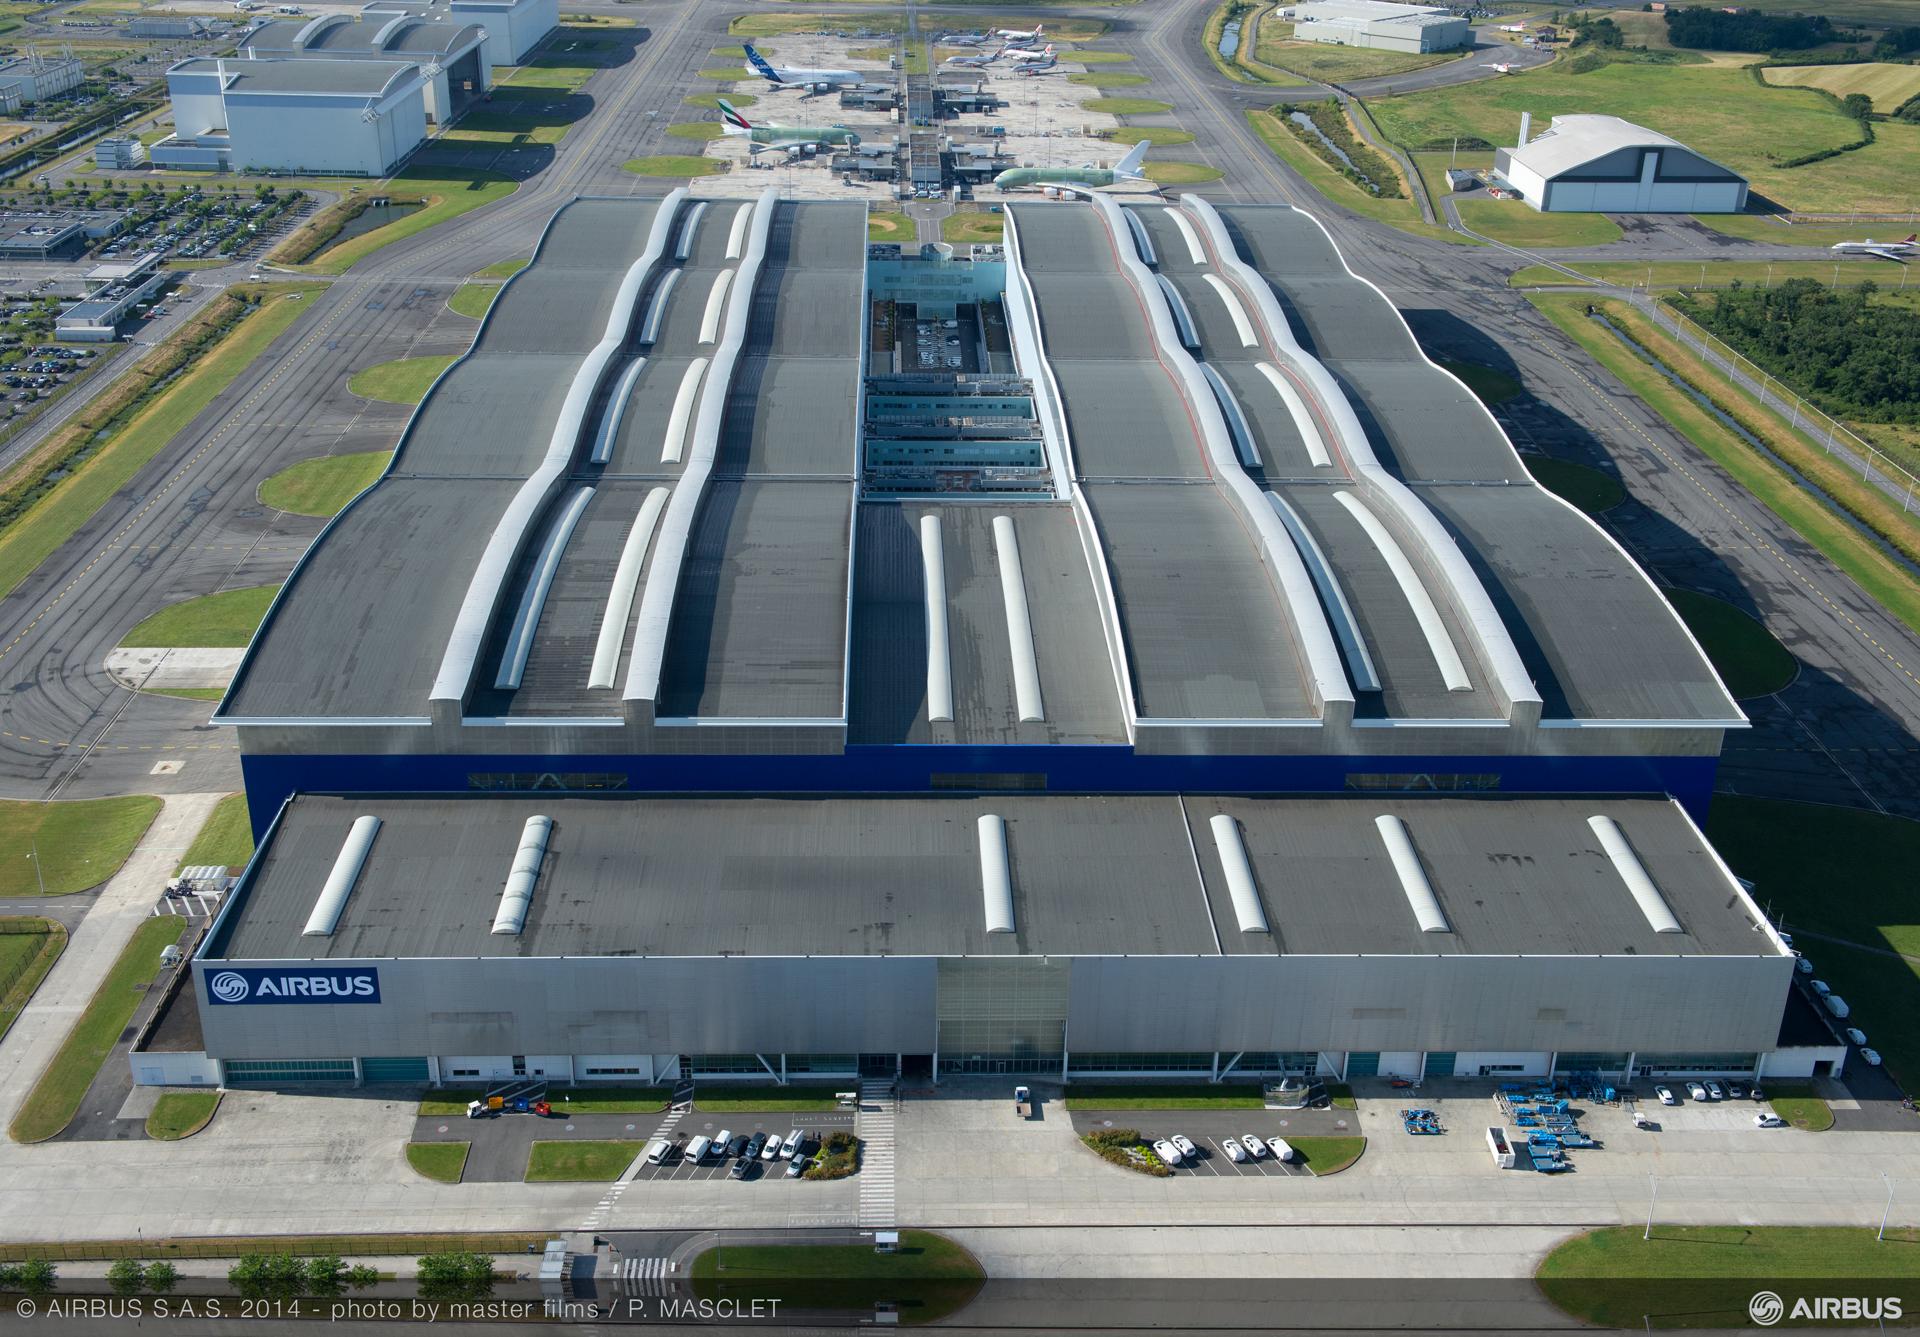 A380 Final Assembly Line